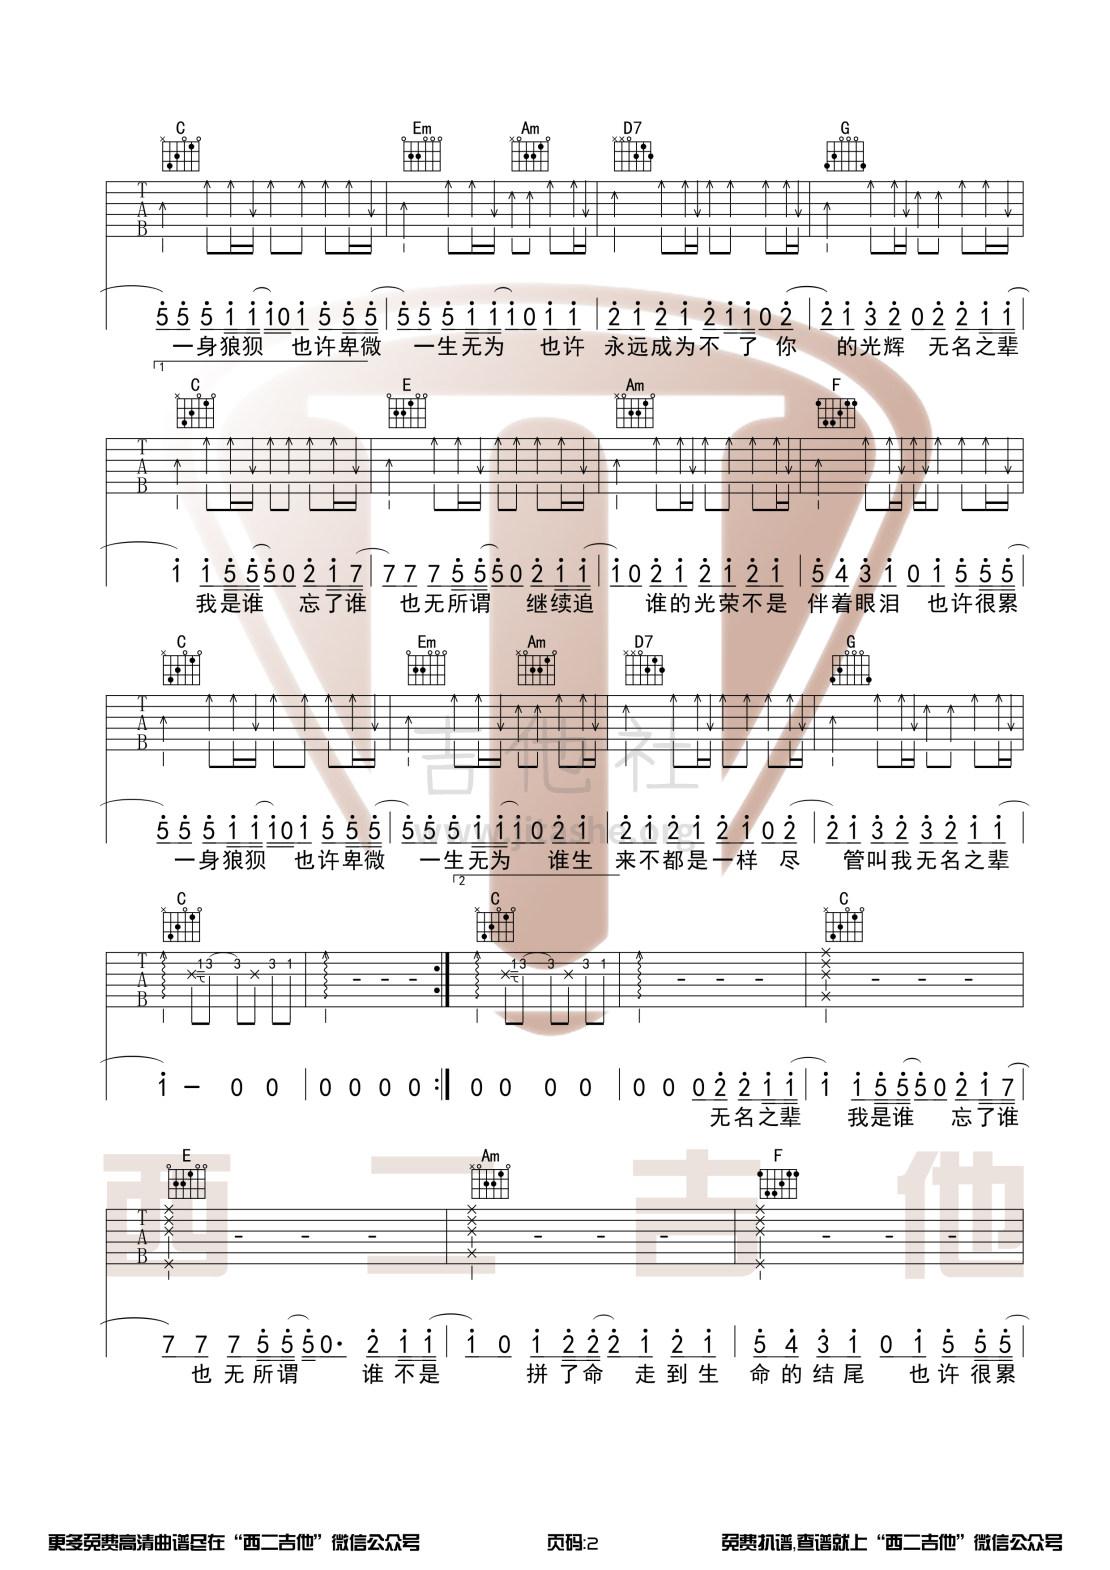 亲爱的热爱的插曲 - 无名之辈(西二吉他)吉他谱(图片谱,弹唱)_陈雪燃_无名之辈2.jpg